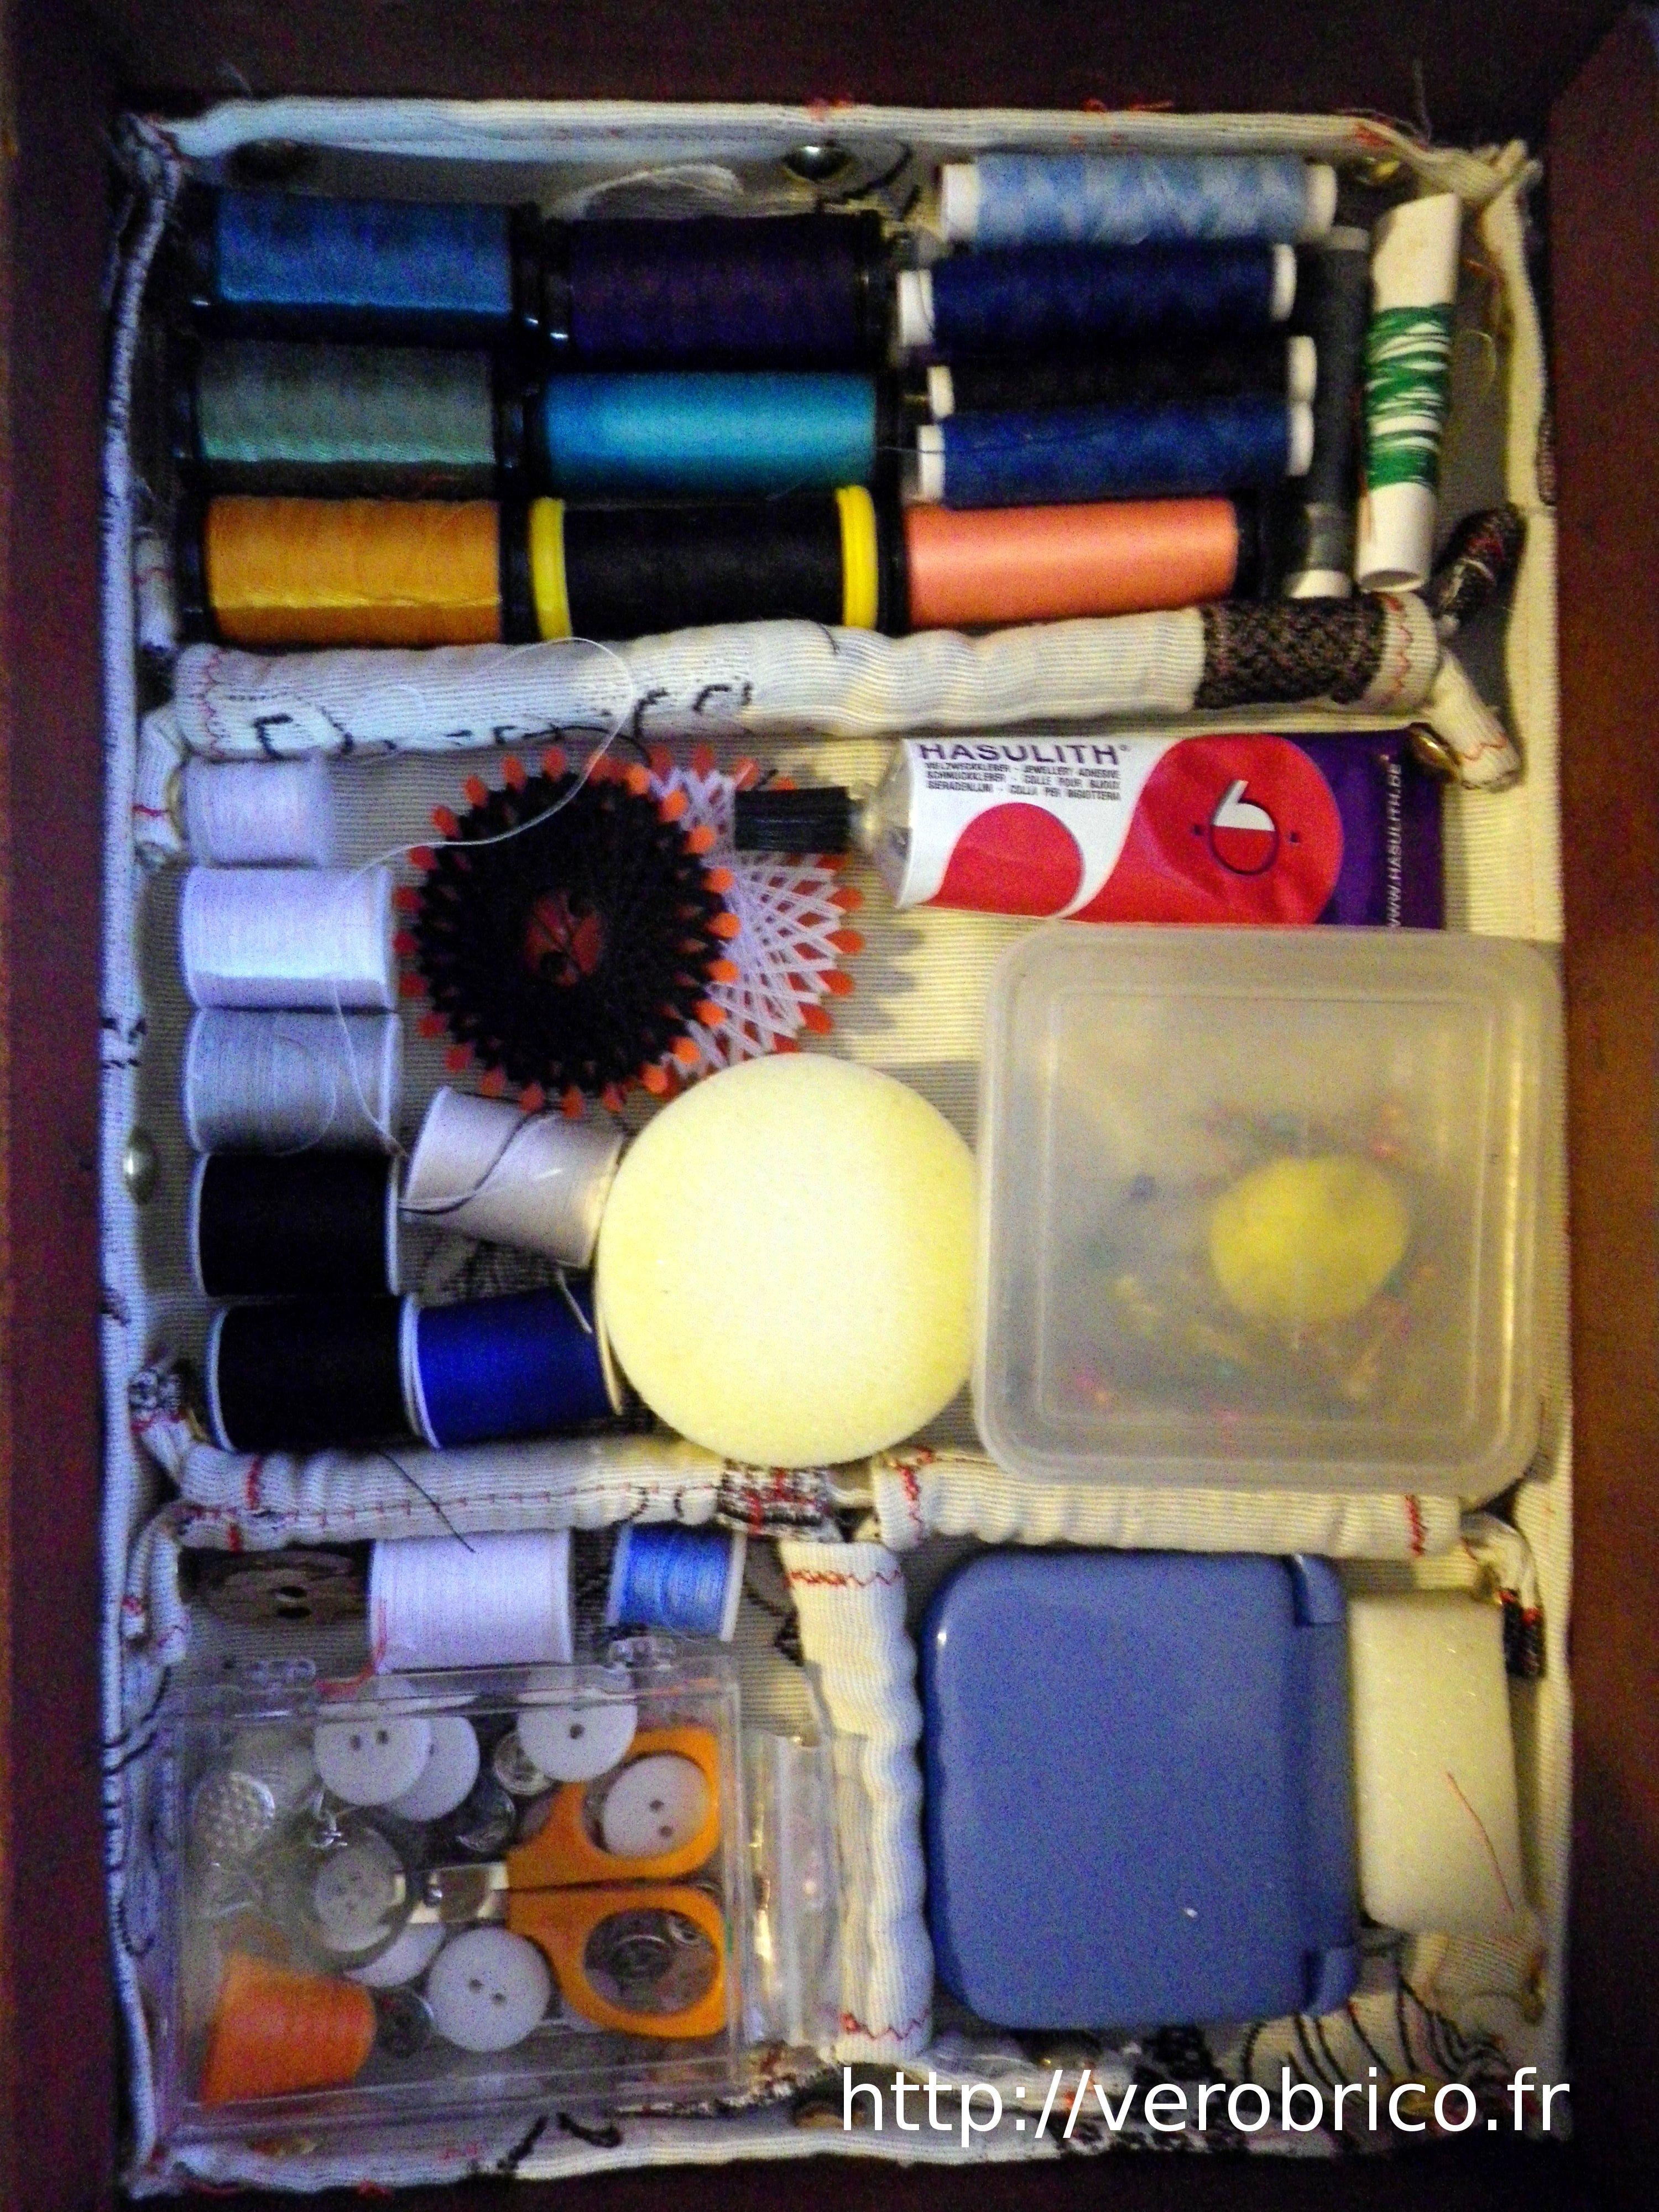 Boite couture le coin bricolage de v robrico for Le bon coin boite a couture